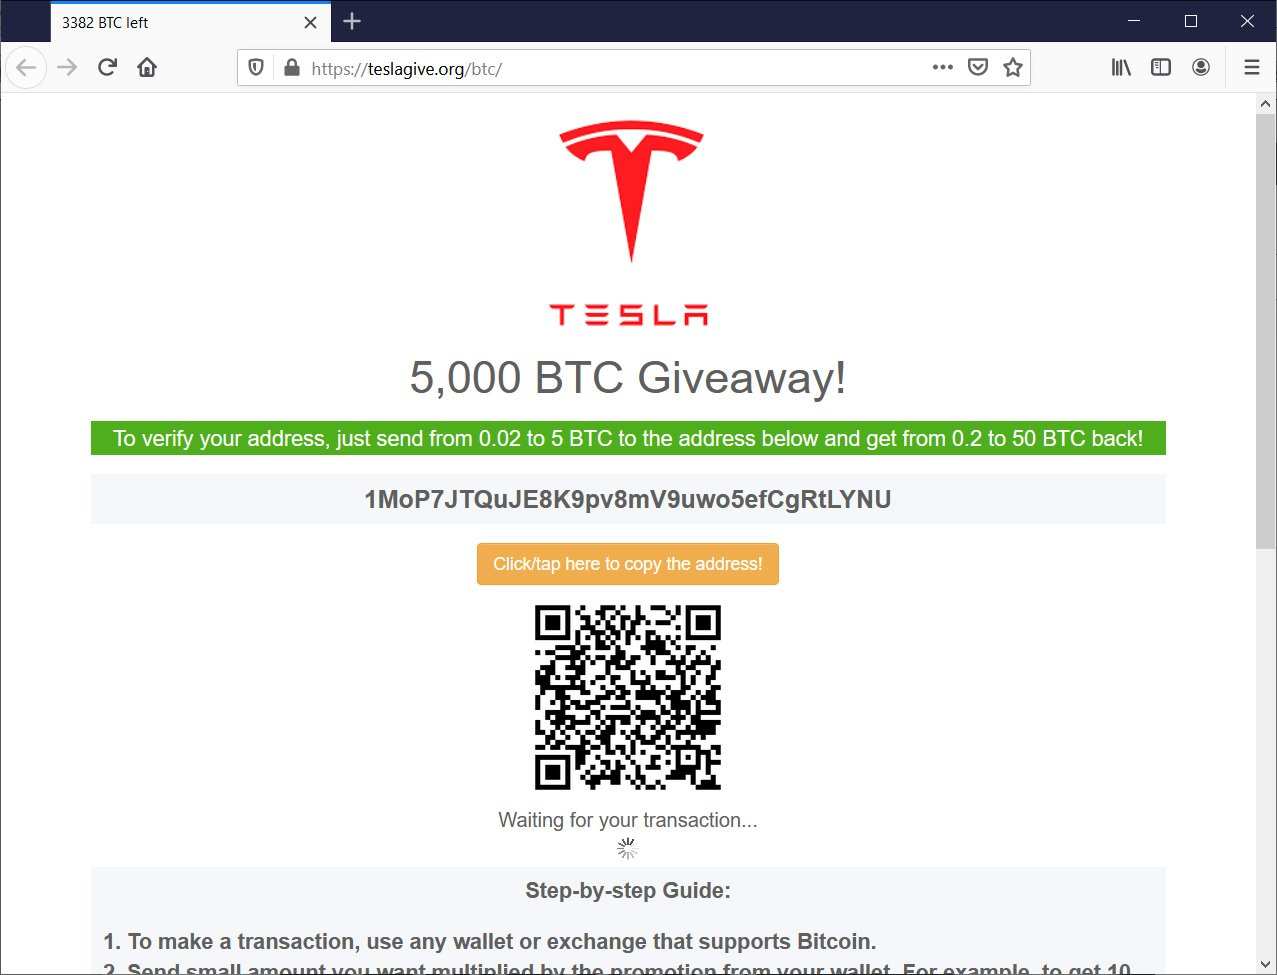 Fake Tesla giveaway landing page